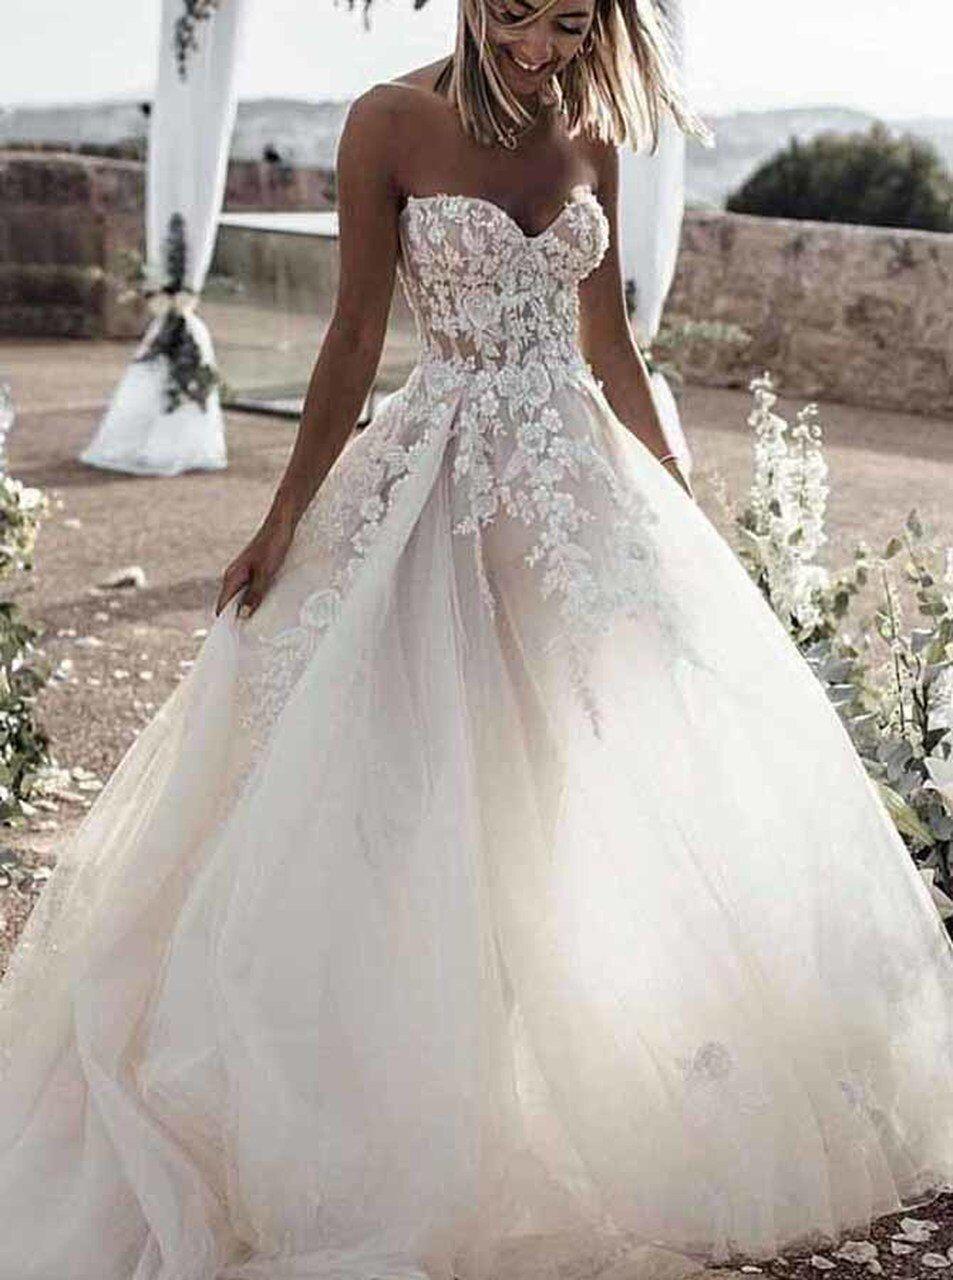 A Line Sweetheart Neck Wedding Dress Stunning Bridal Dress For Wedding Photo Shoot 12142 Wedding Dress Guide Sweetheart Wedding Dress Applique Wedding Dress [ 1280 x 953 Pixel ]